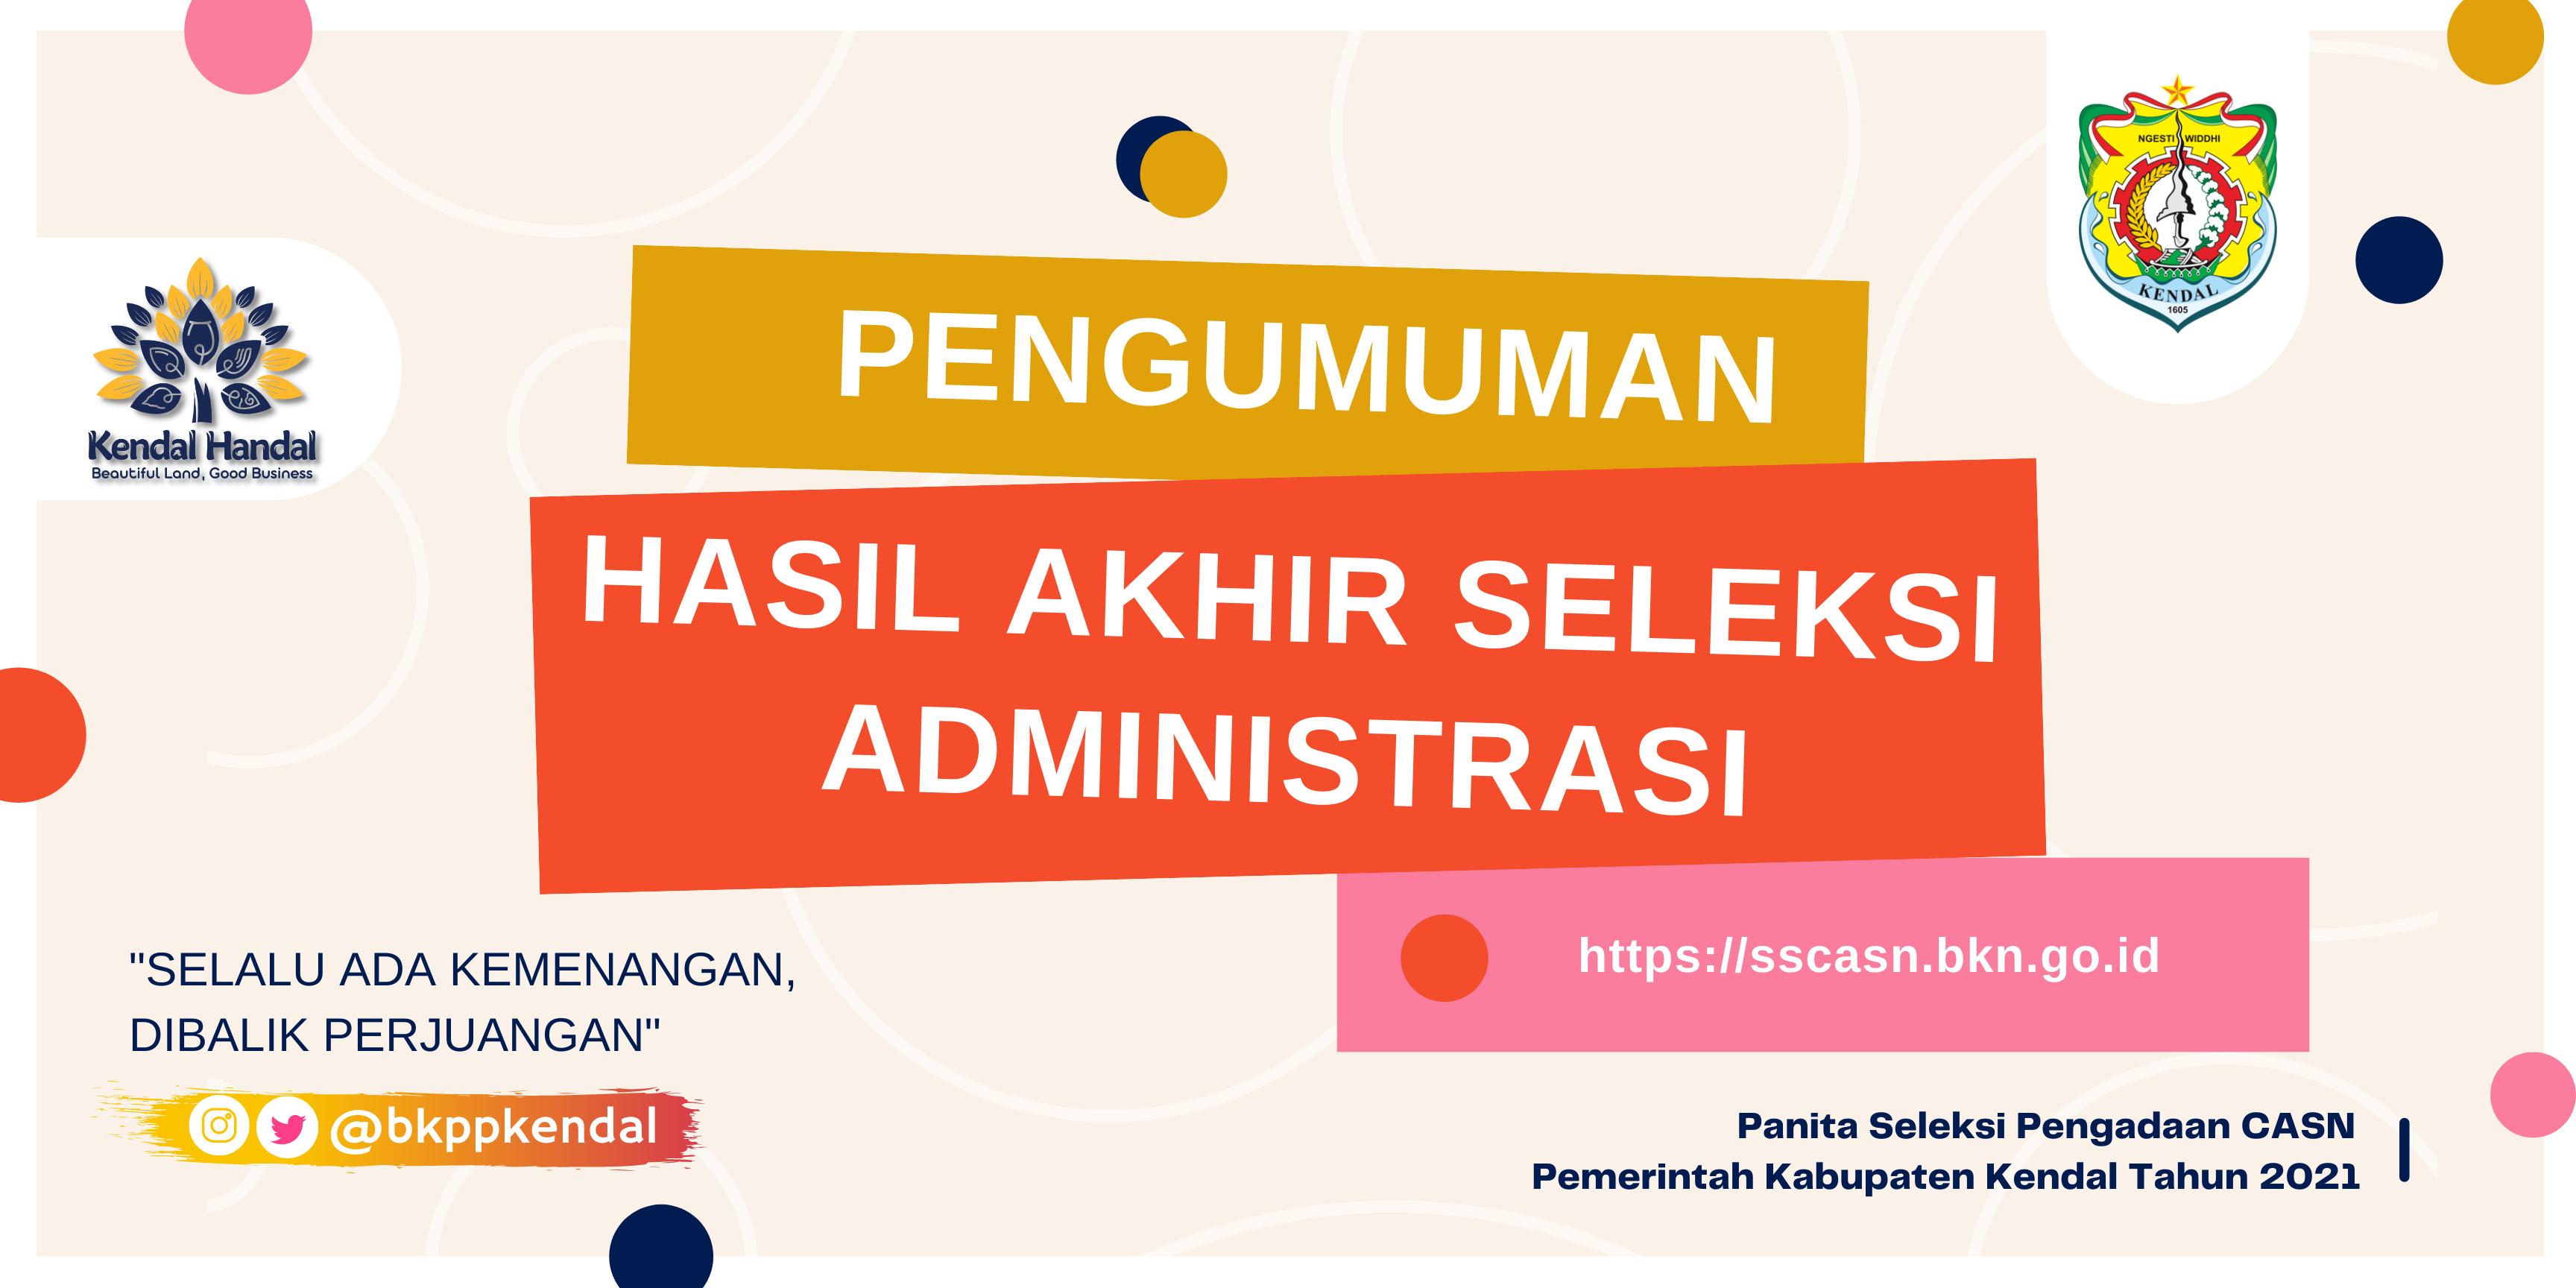 Hasil Akhir Seleksi Administrasi Pengadaan CASN Kabupaten Kendal Tahun 2021